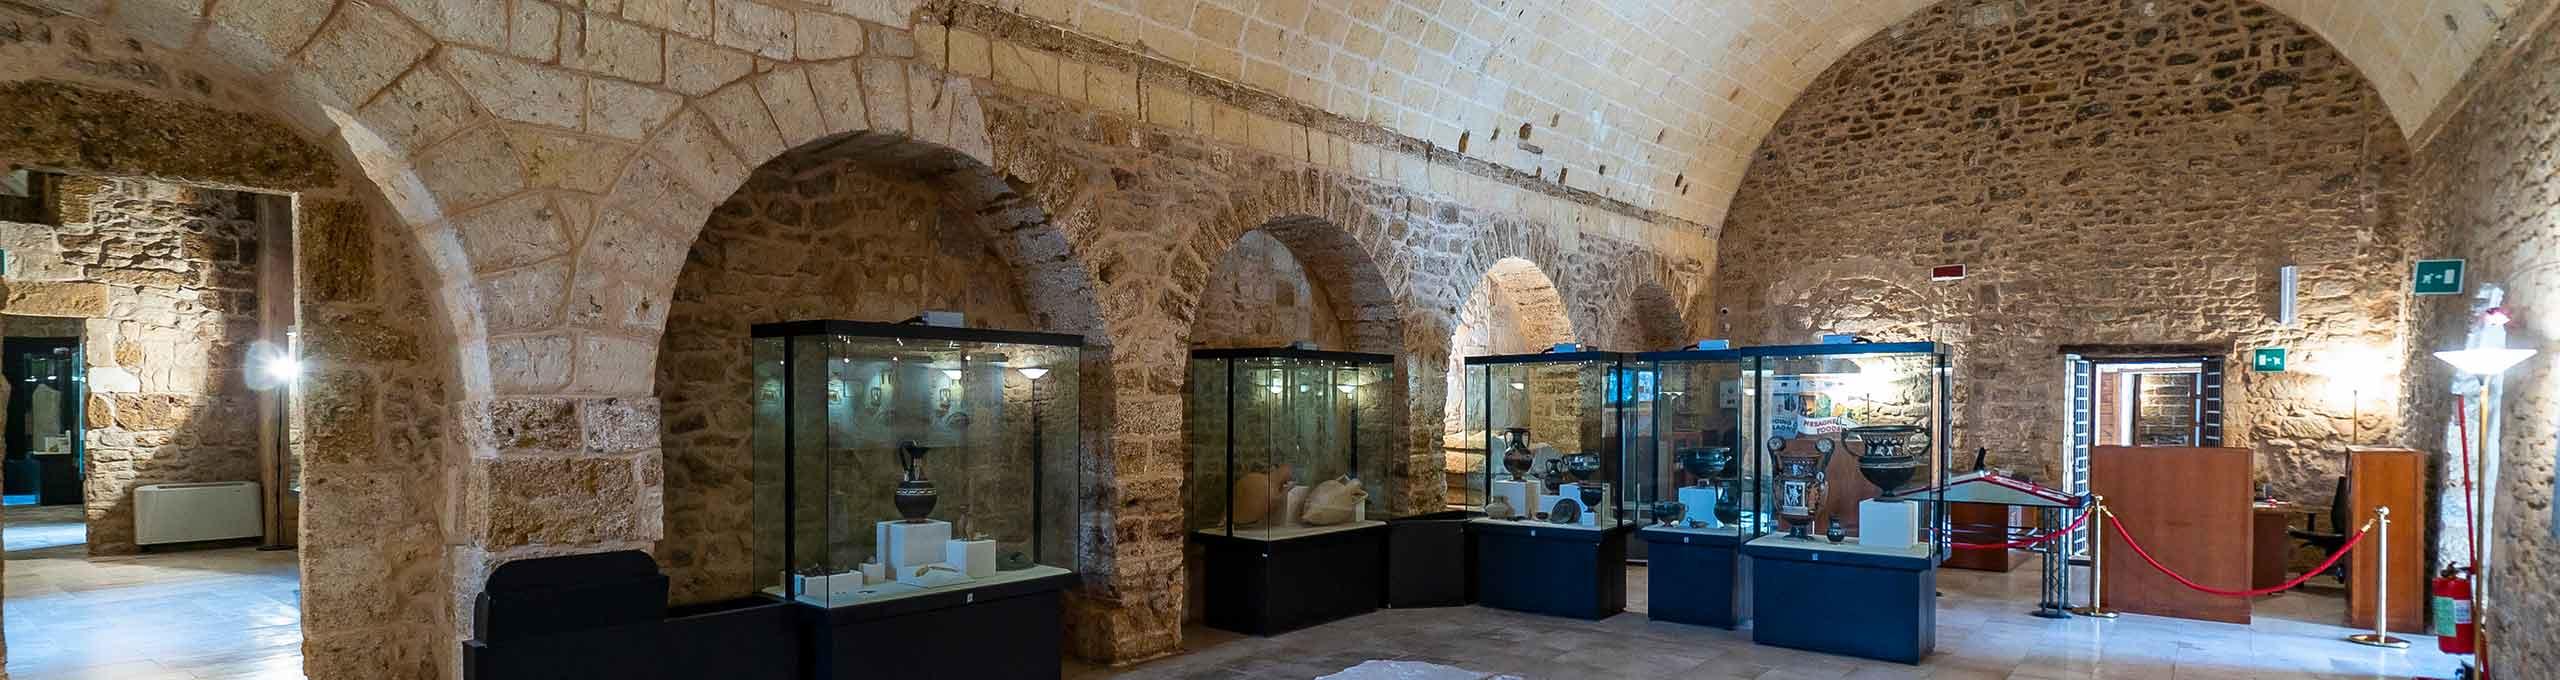 Mesagne, Salento, interni del Castello Normanno Svevo